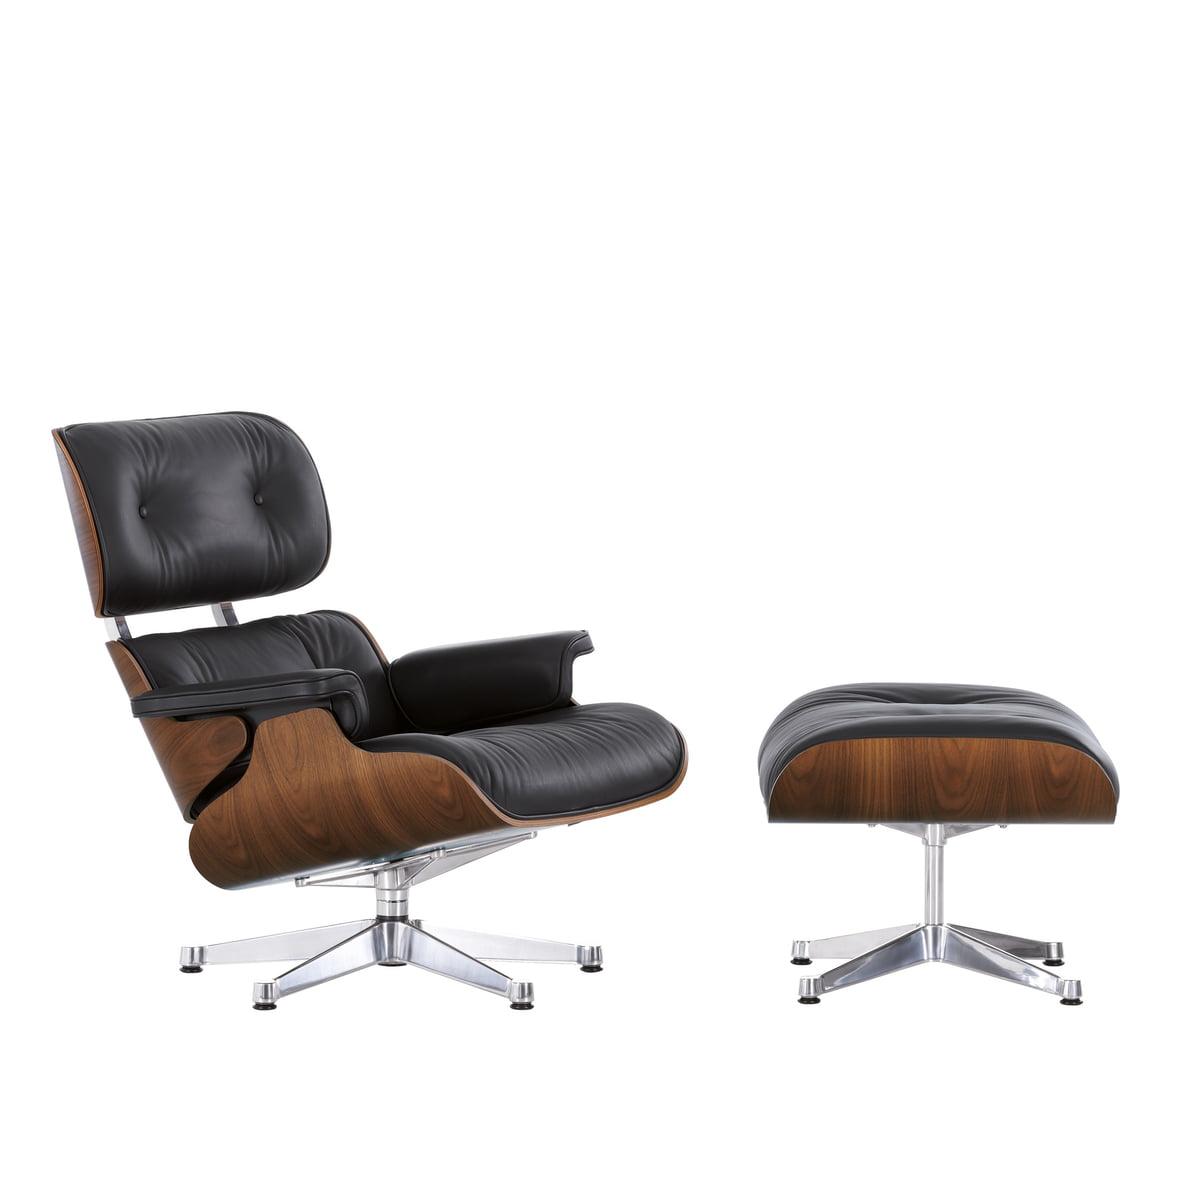 lounge chair ottoman nussbaum schwarz von vitra connox. Black Bedroom Furniture Sets. Home Design Ideas